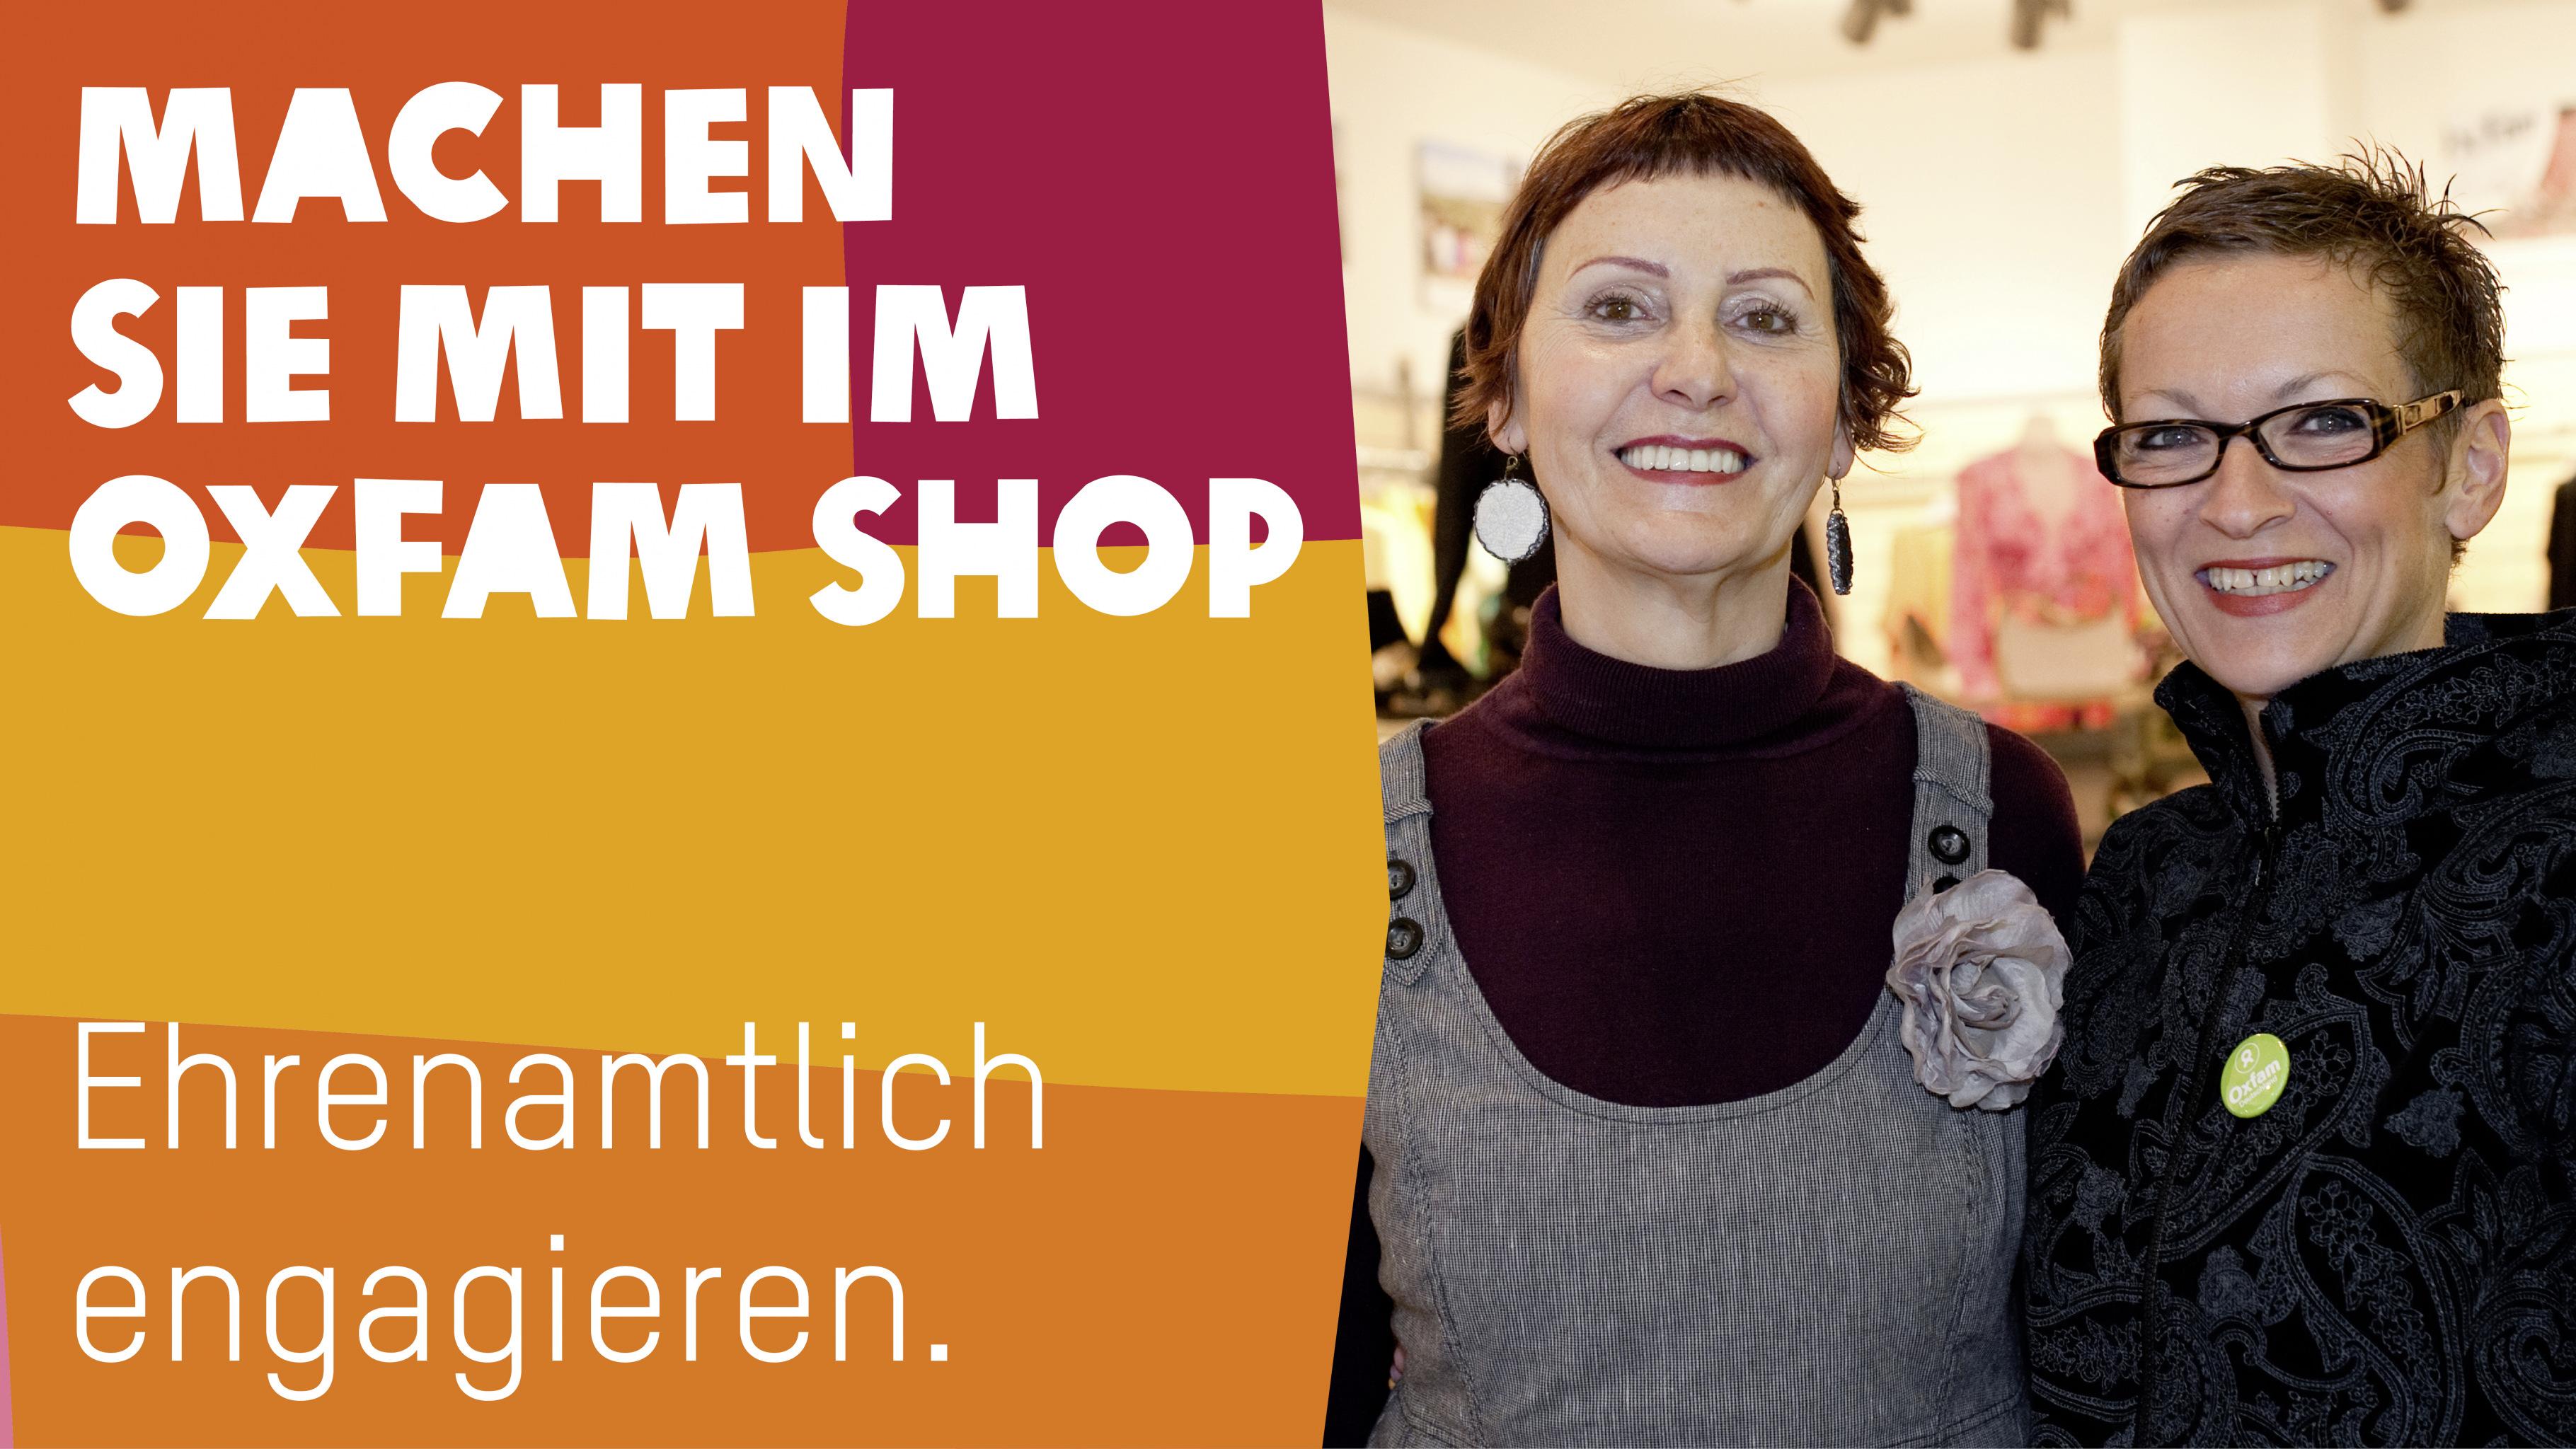 Ehrenamtlich angagieren: Machen Sie mit im Oxfam Shop